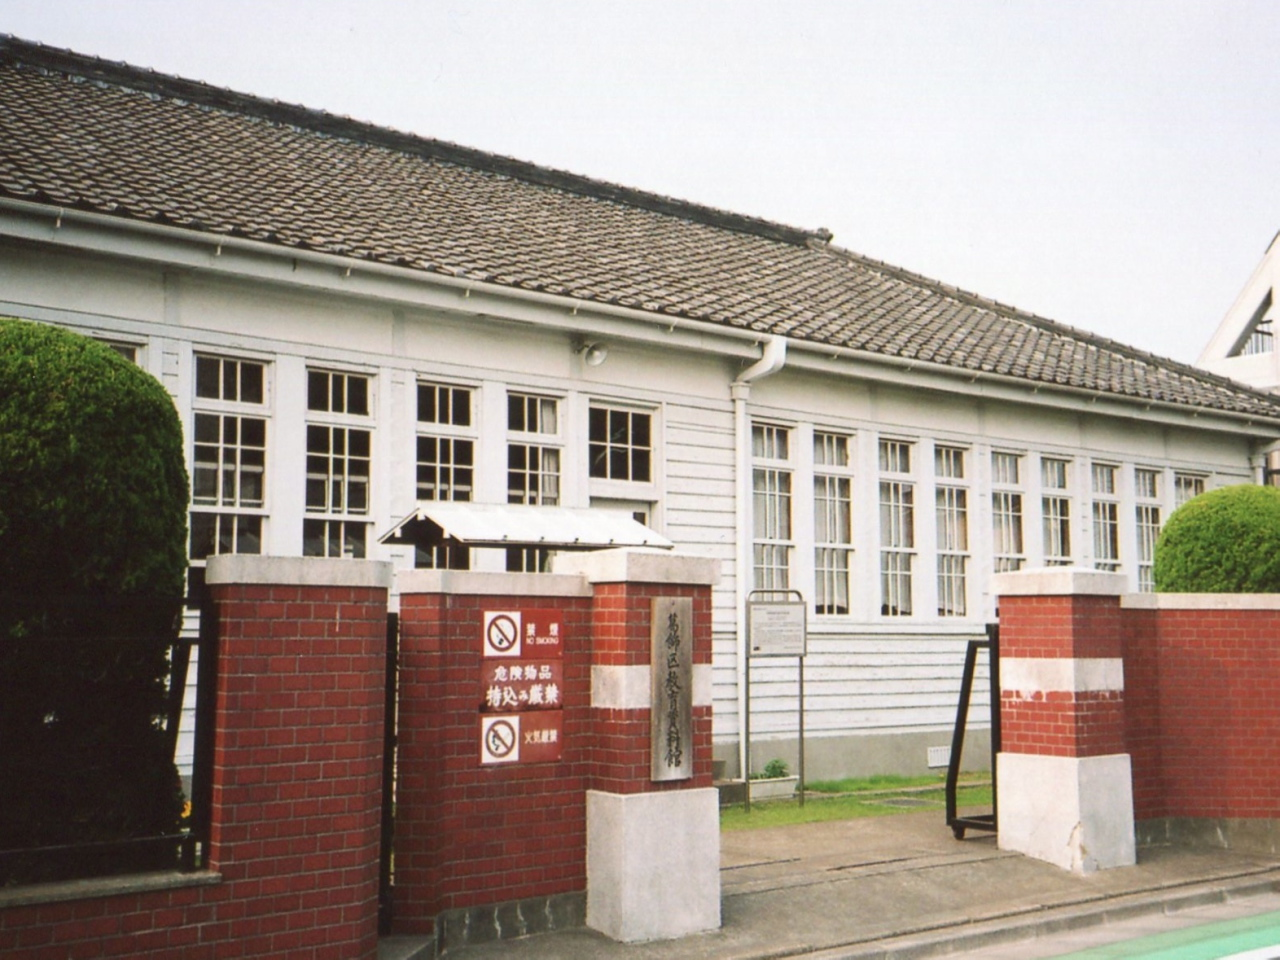 葛飾区教育資料館